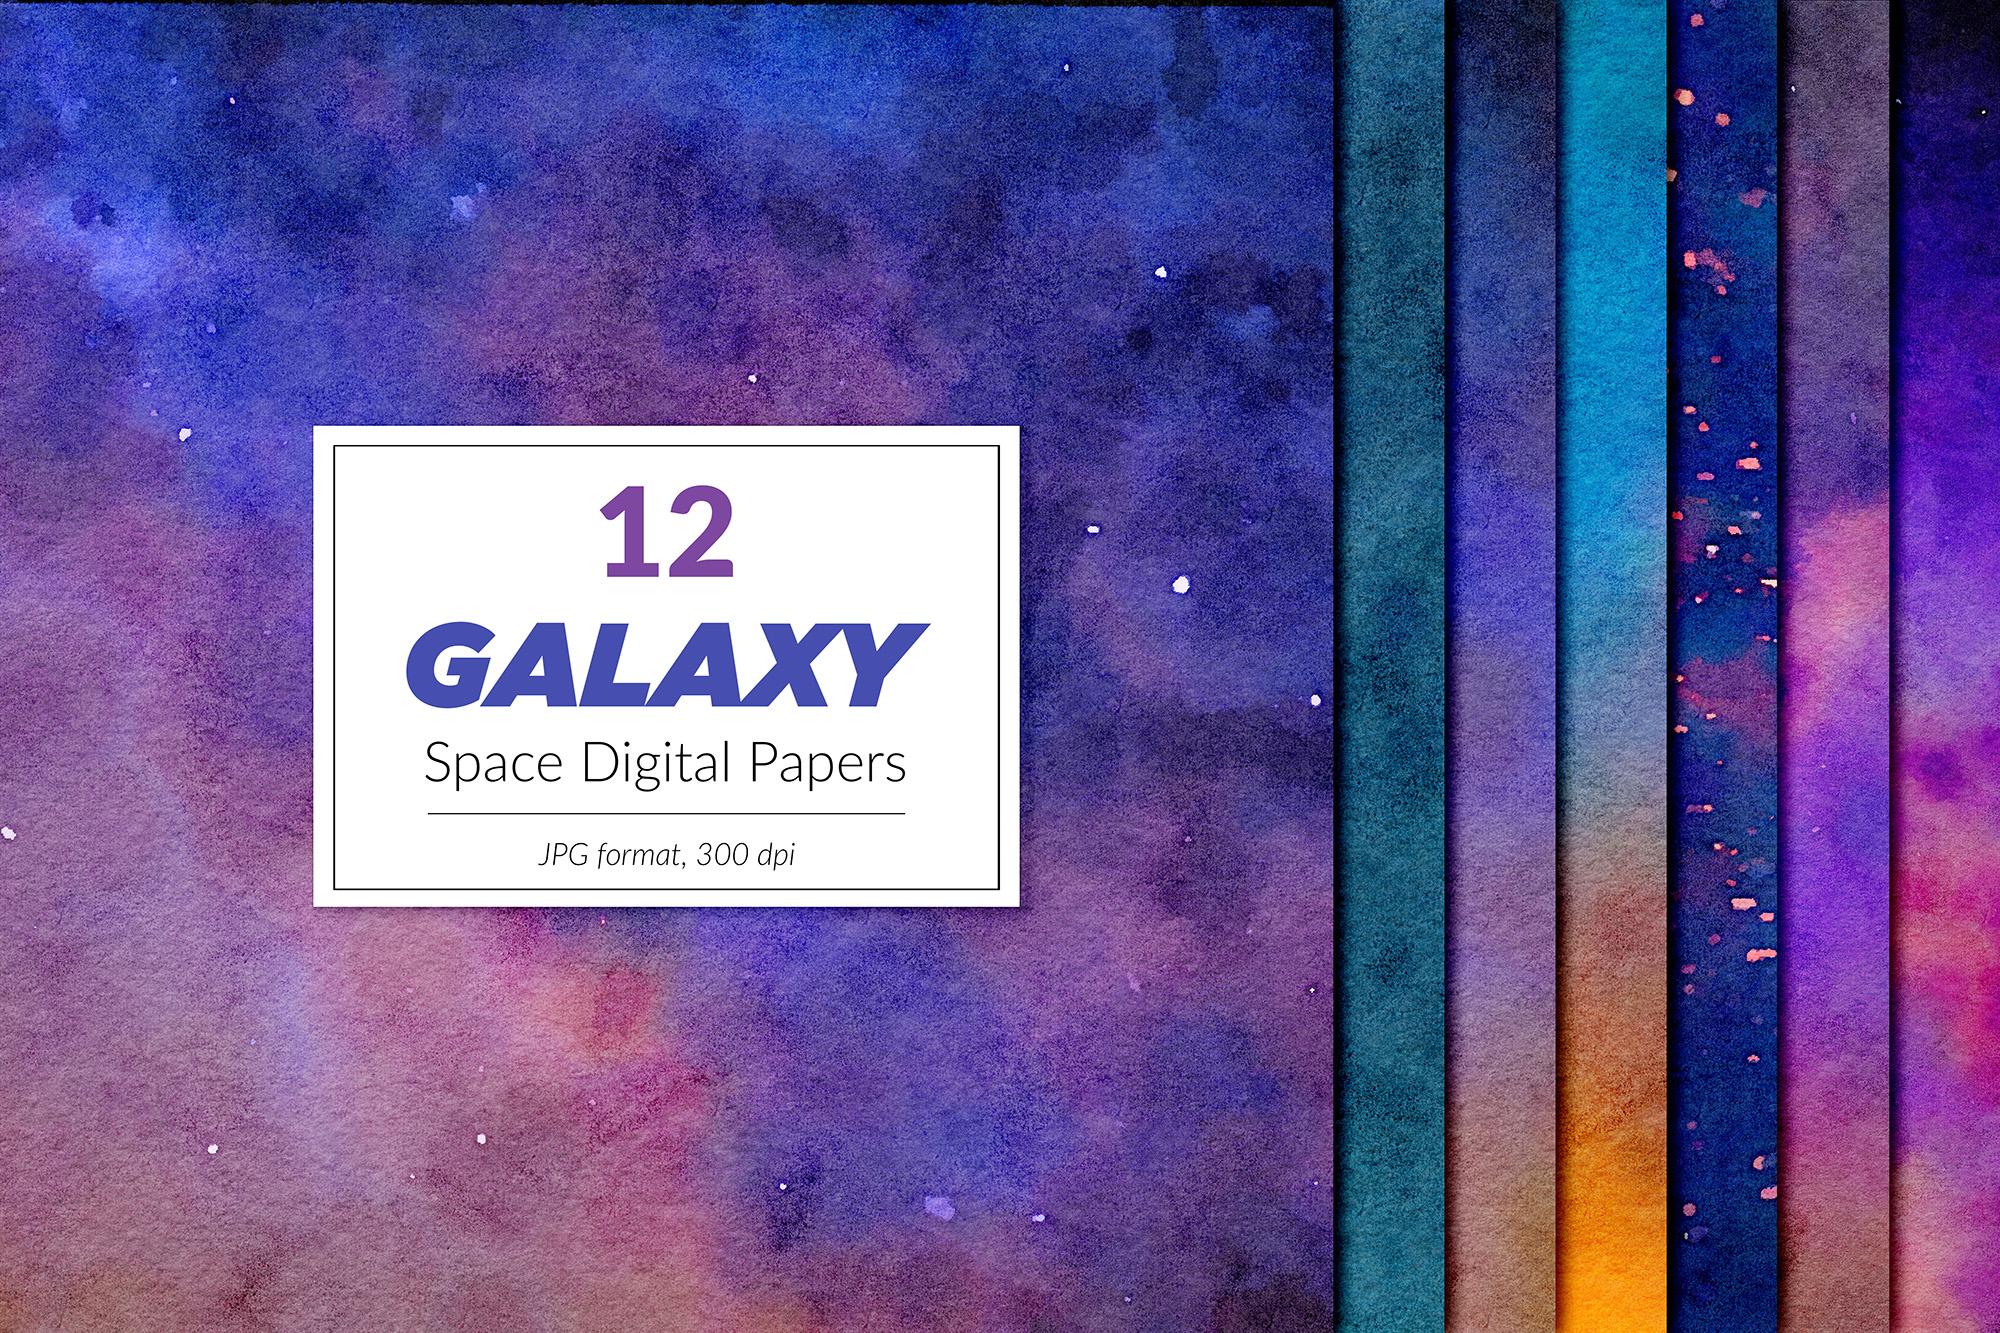 Watercolor Nebula Digital Paper example image 1